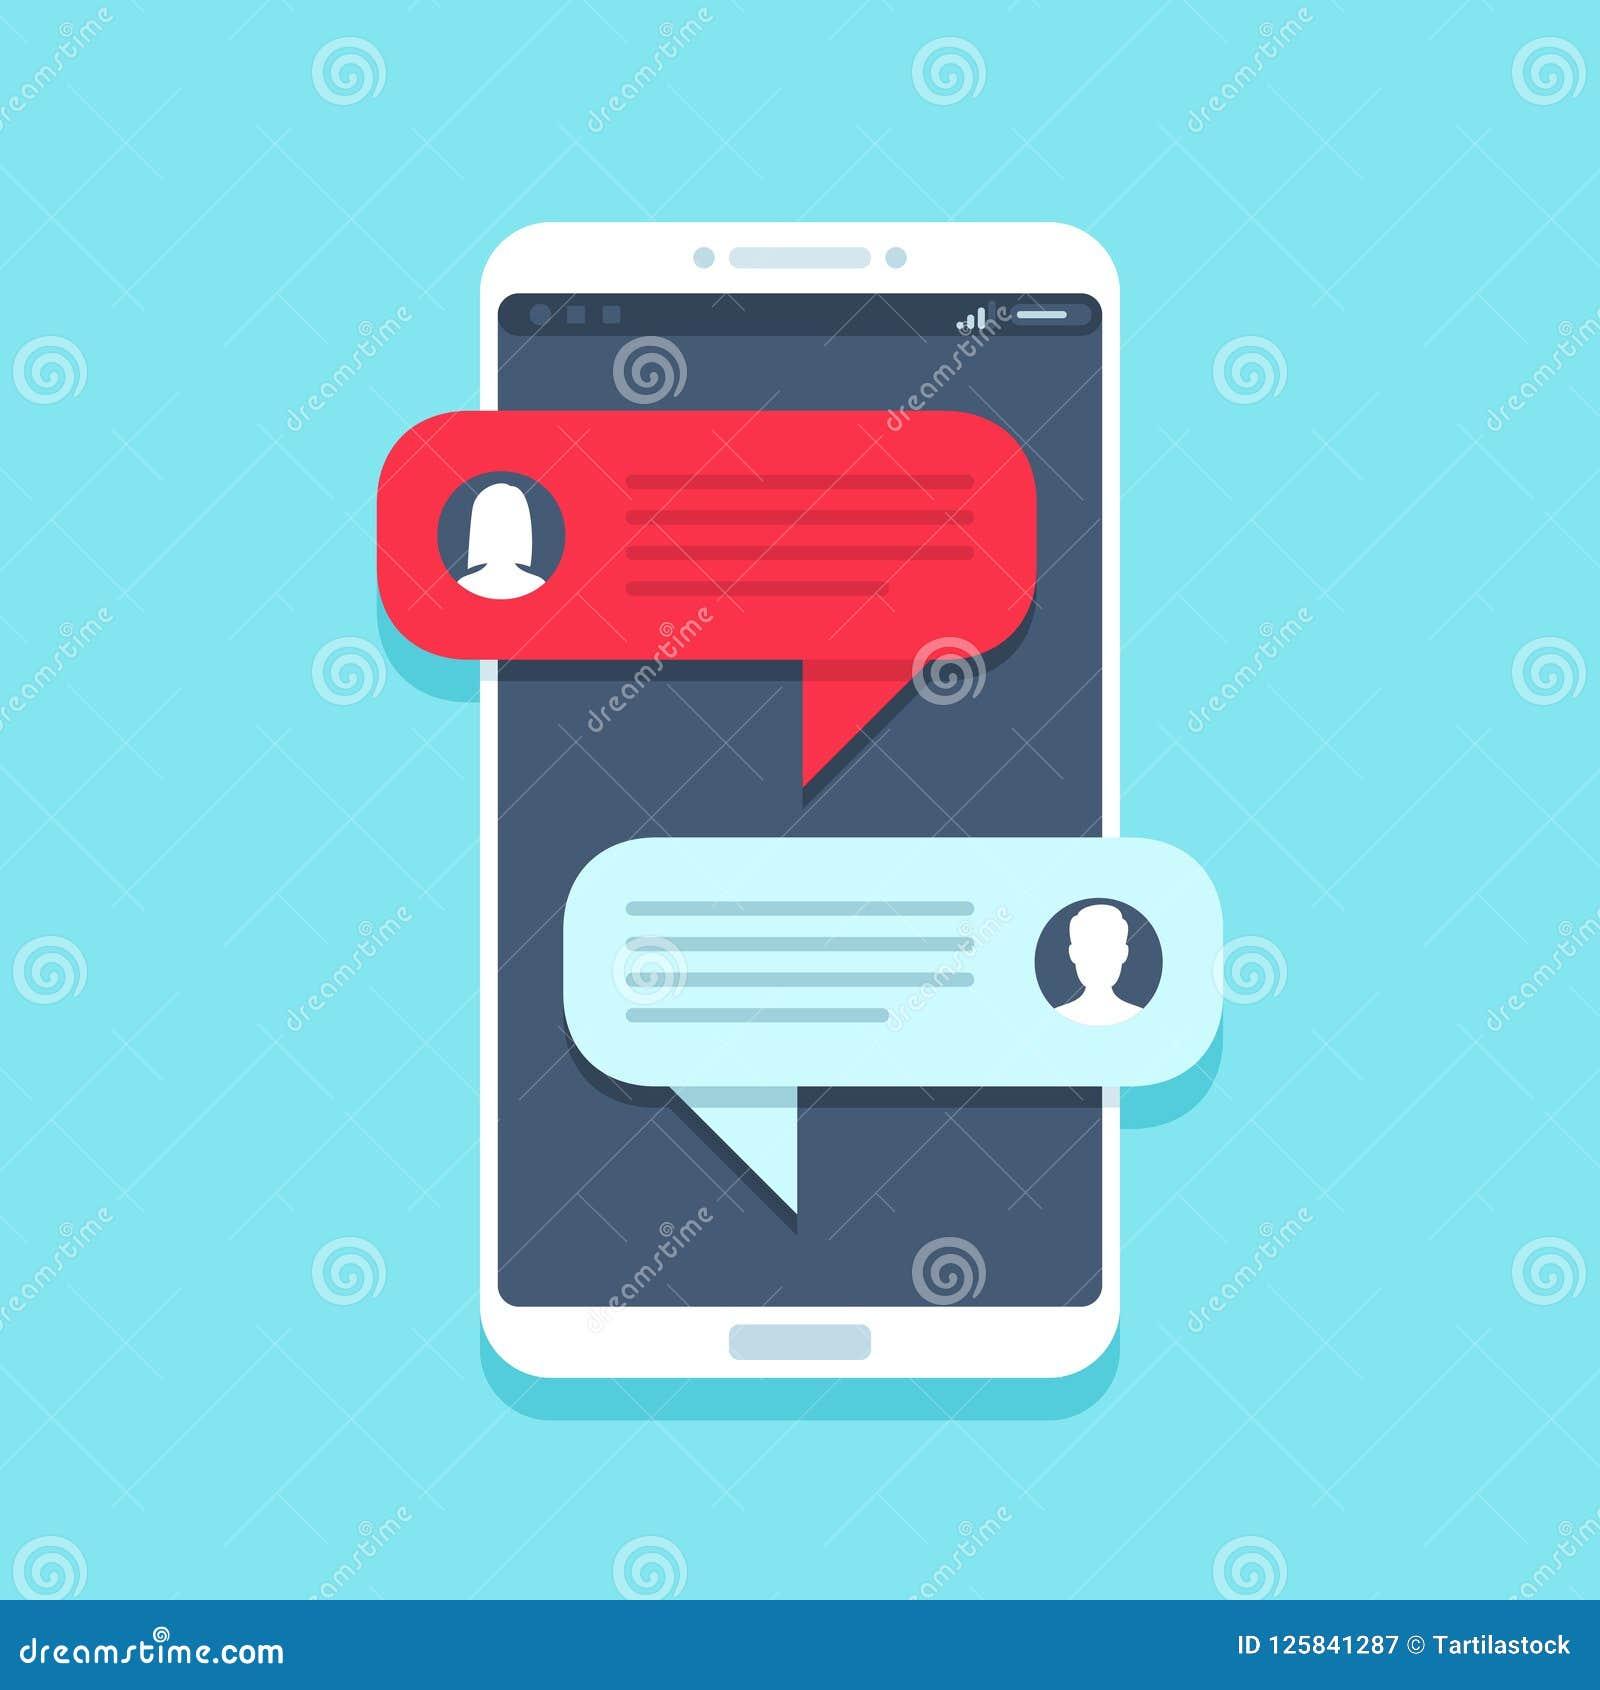 Mensaje de la charla en smartphone La charla móvil del teléfono, los mensajes de la gente y el SMS que mandan un SMS burbujean en